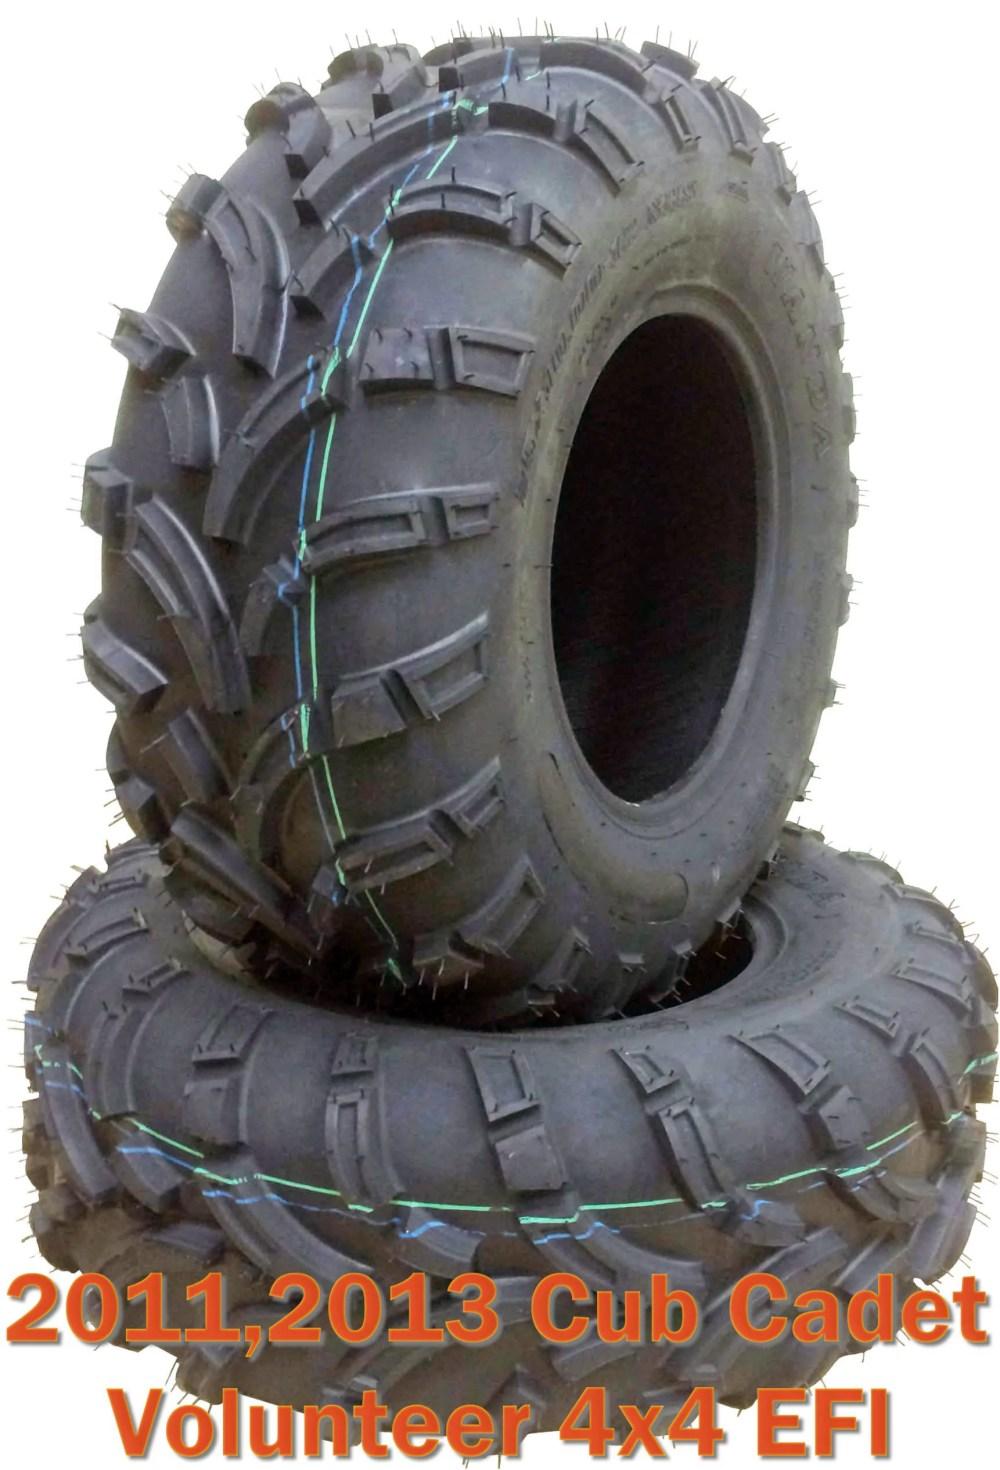 medium resolution of 11 13 cub cadet volunteer 4x4 efi atv front tire set 26x10 12 mud walmart com